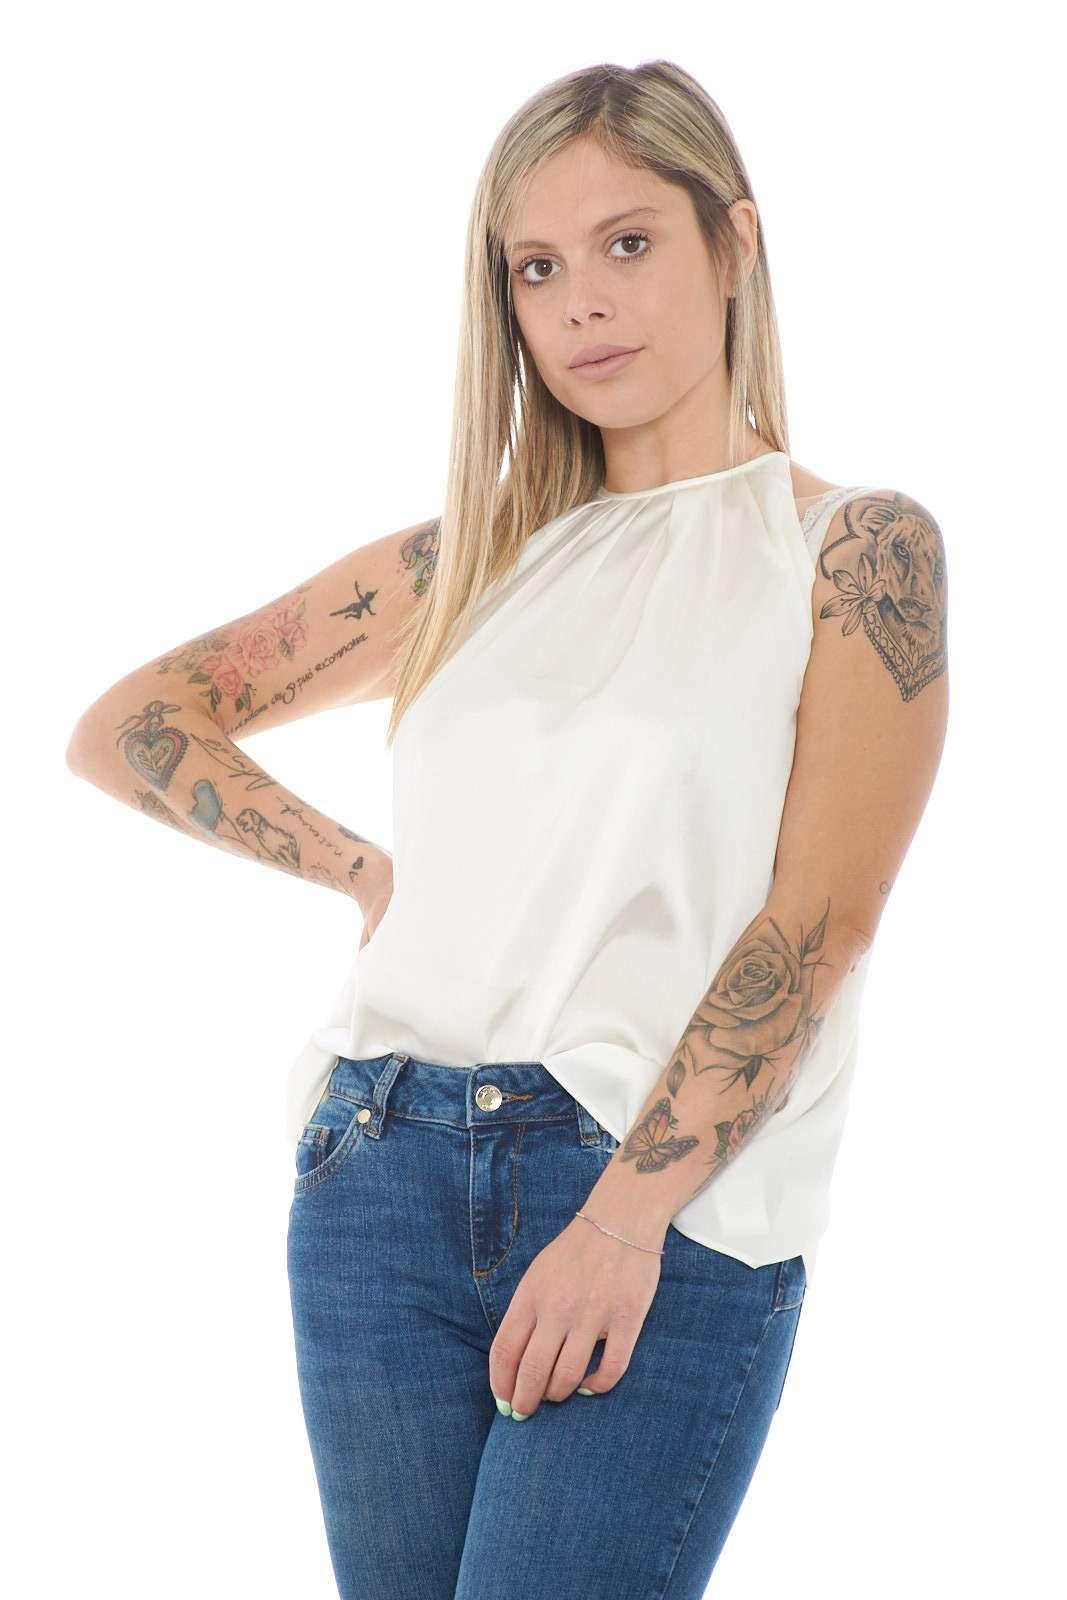 Un top donna semplice e curato nei minimi dettagli quello firmato Polo Ralph Lauren. Da indossare nelle occasioni di tutti i giorni o nelle giornate lavorative, perfetto per le calde giornate estive. Da abbinare ad un pantalone, un jeans è il massimo.